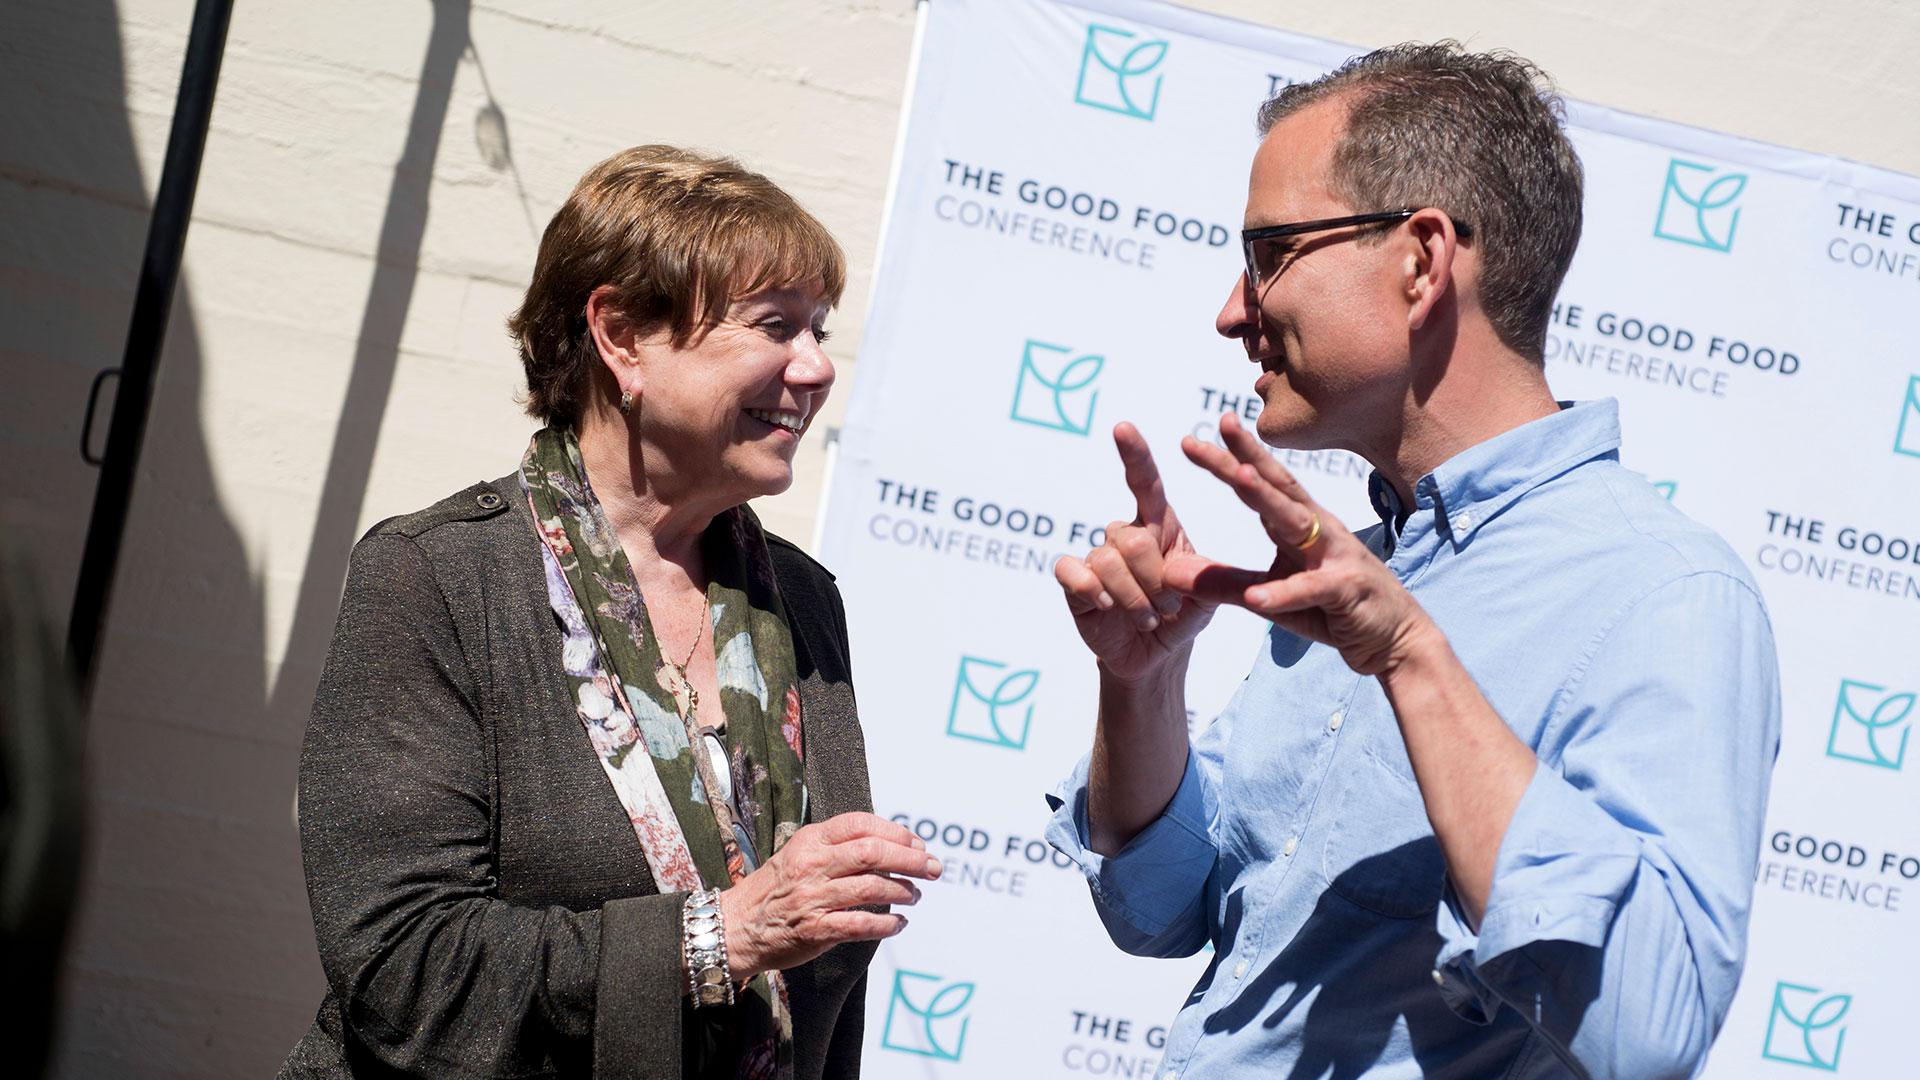 Friedrich con Ann Veneman, exsecretaria de Agricultura de Estados Unidos, en una conferencia del Good Food Institute el año pasado (Credit Good Food Institute)